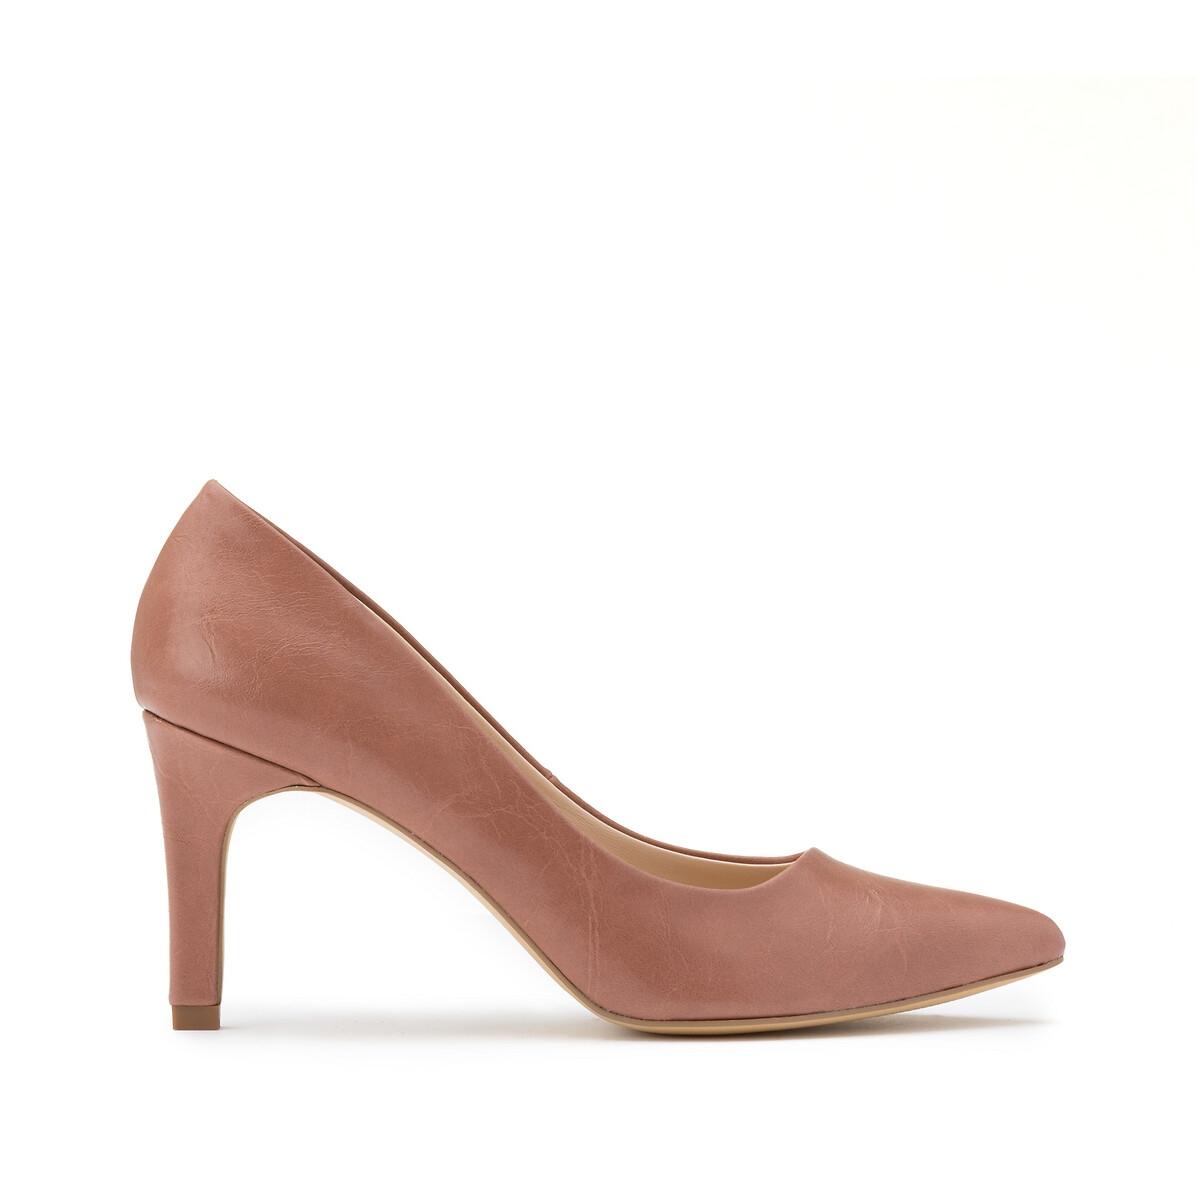 Туфли LaRedoute На высоком каблуке 38 розовый